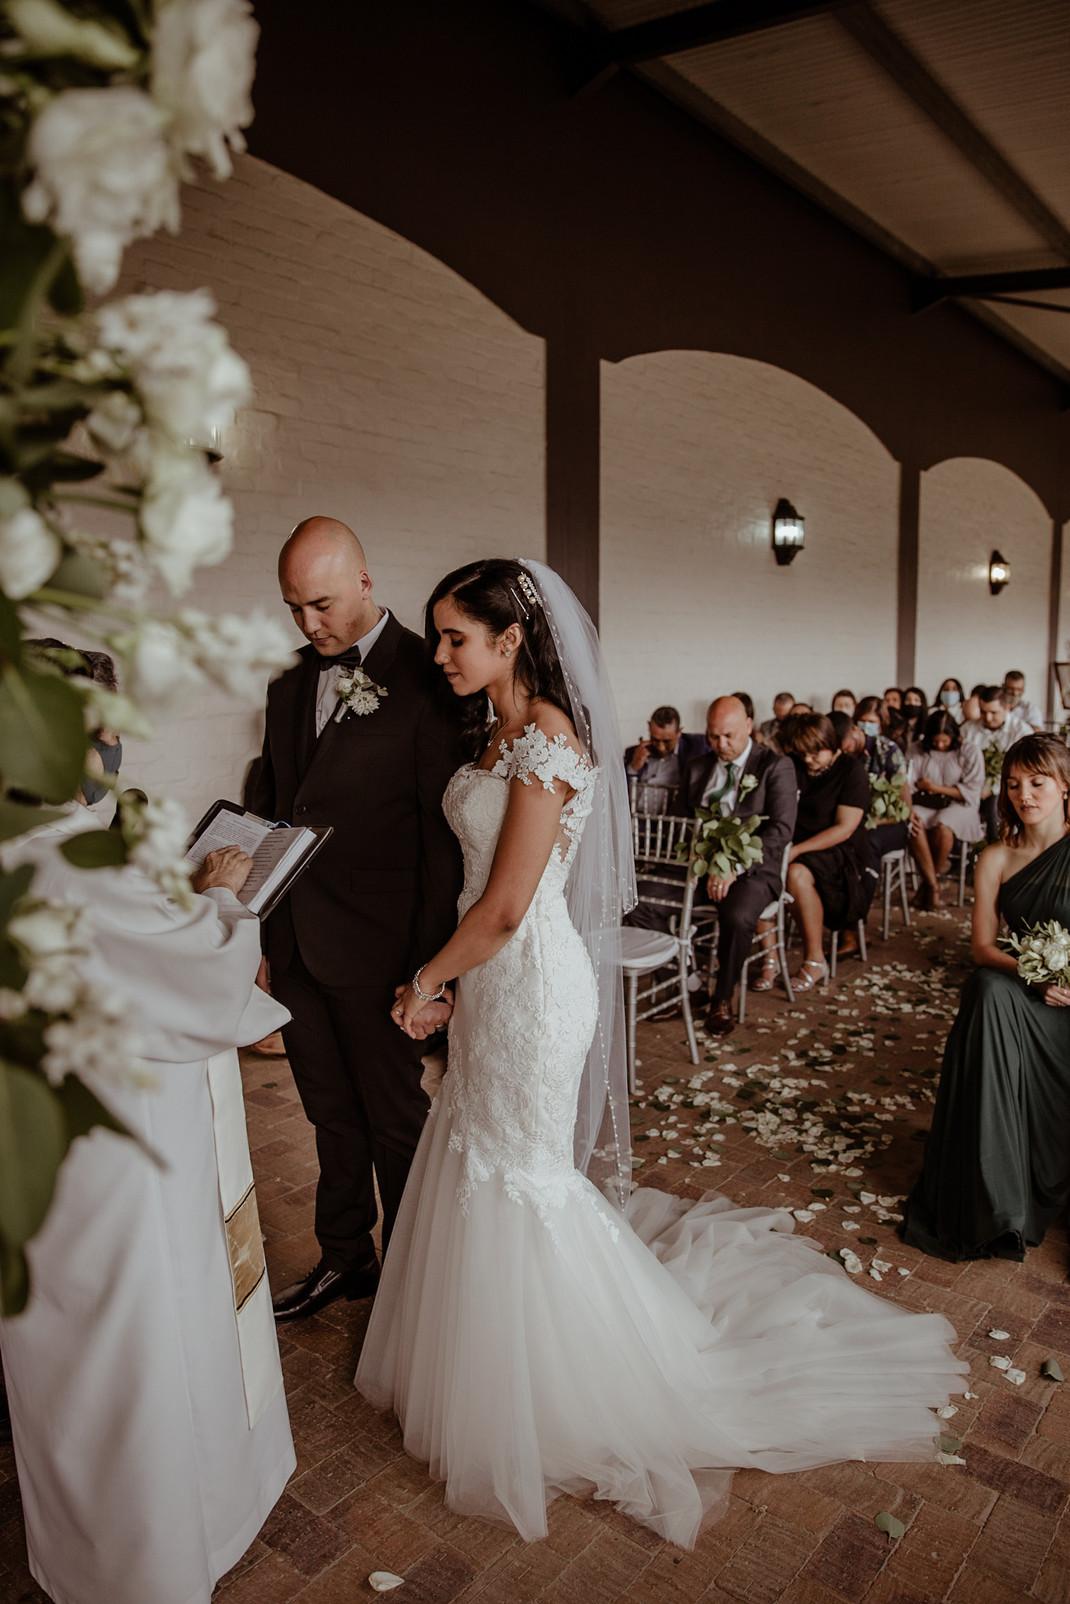 Kronenburg_wedding_5.jpg